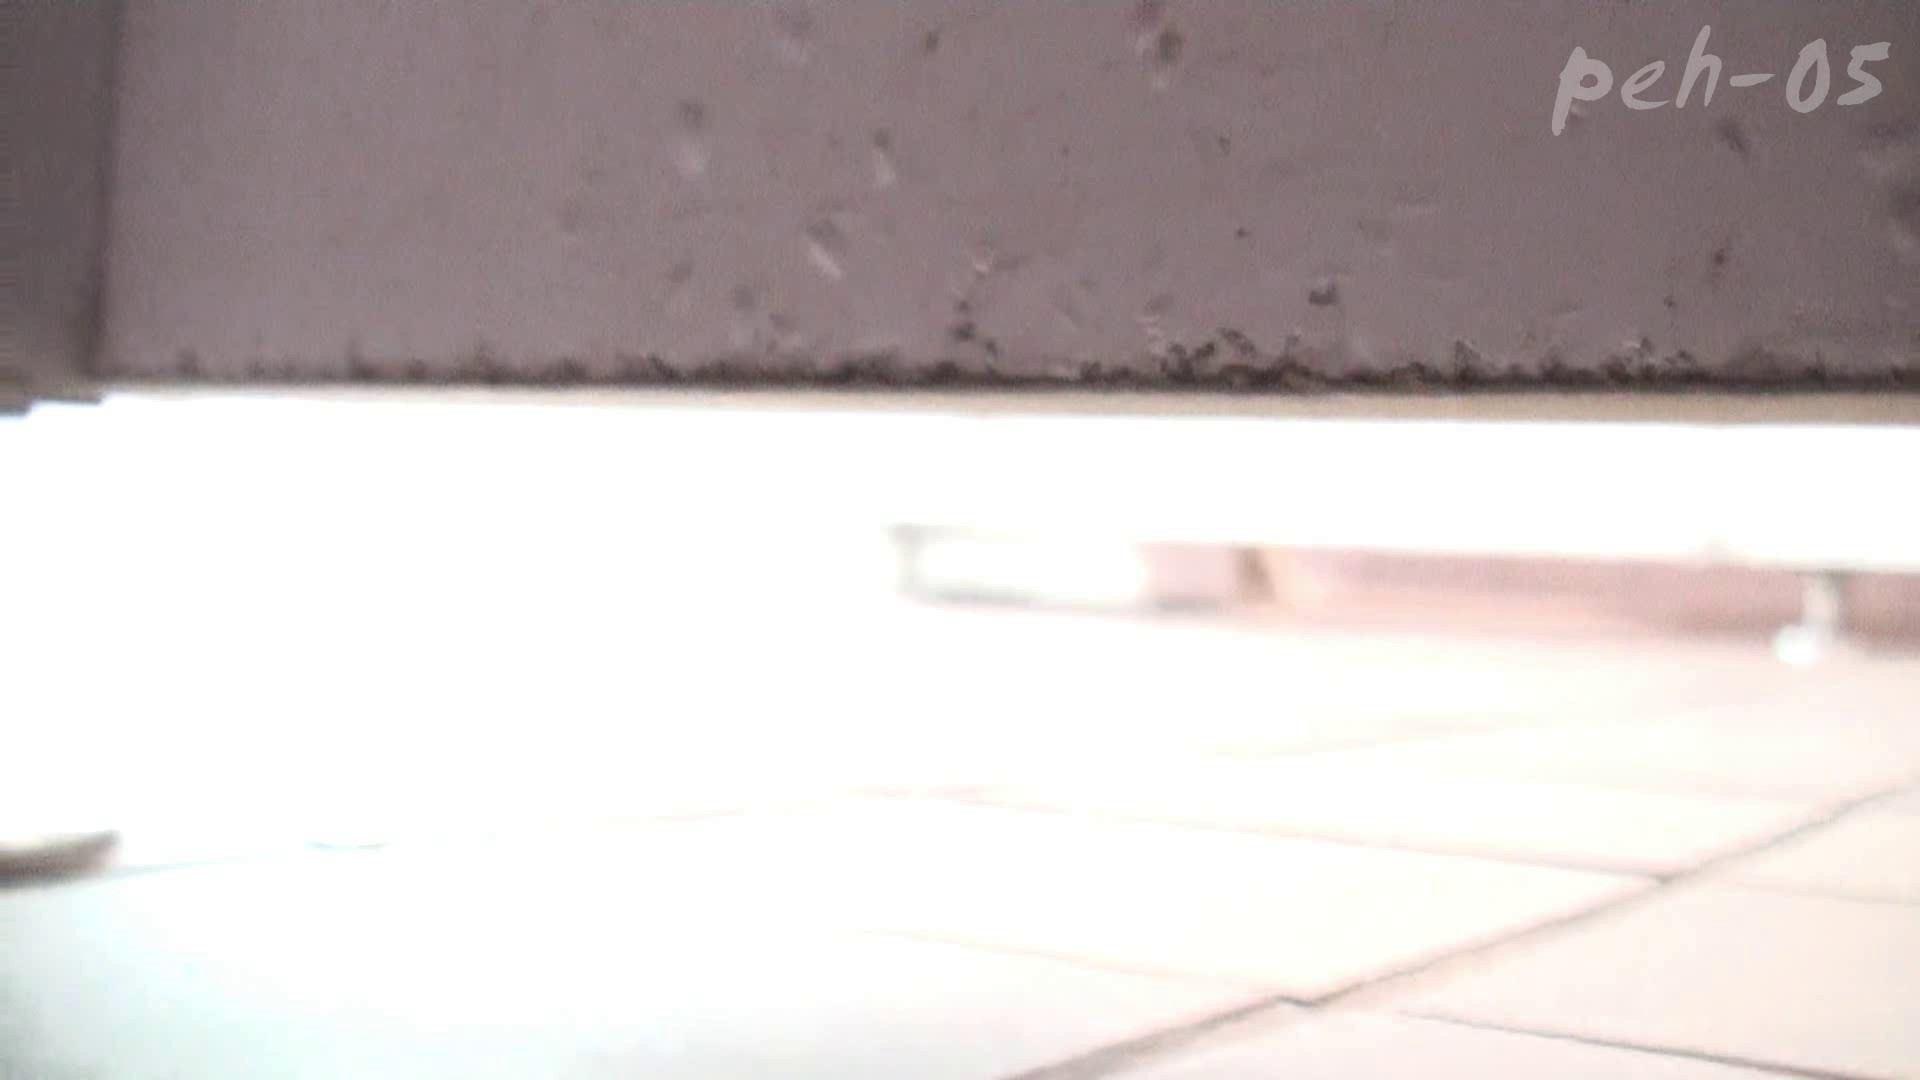 トイレ盗撮 ※100個限定販売 至高下半身盗撮 プレミアム Vol.5 ハイビジョン 怪盗ジョーカー